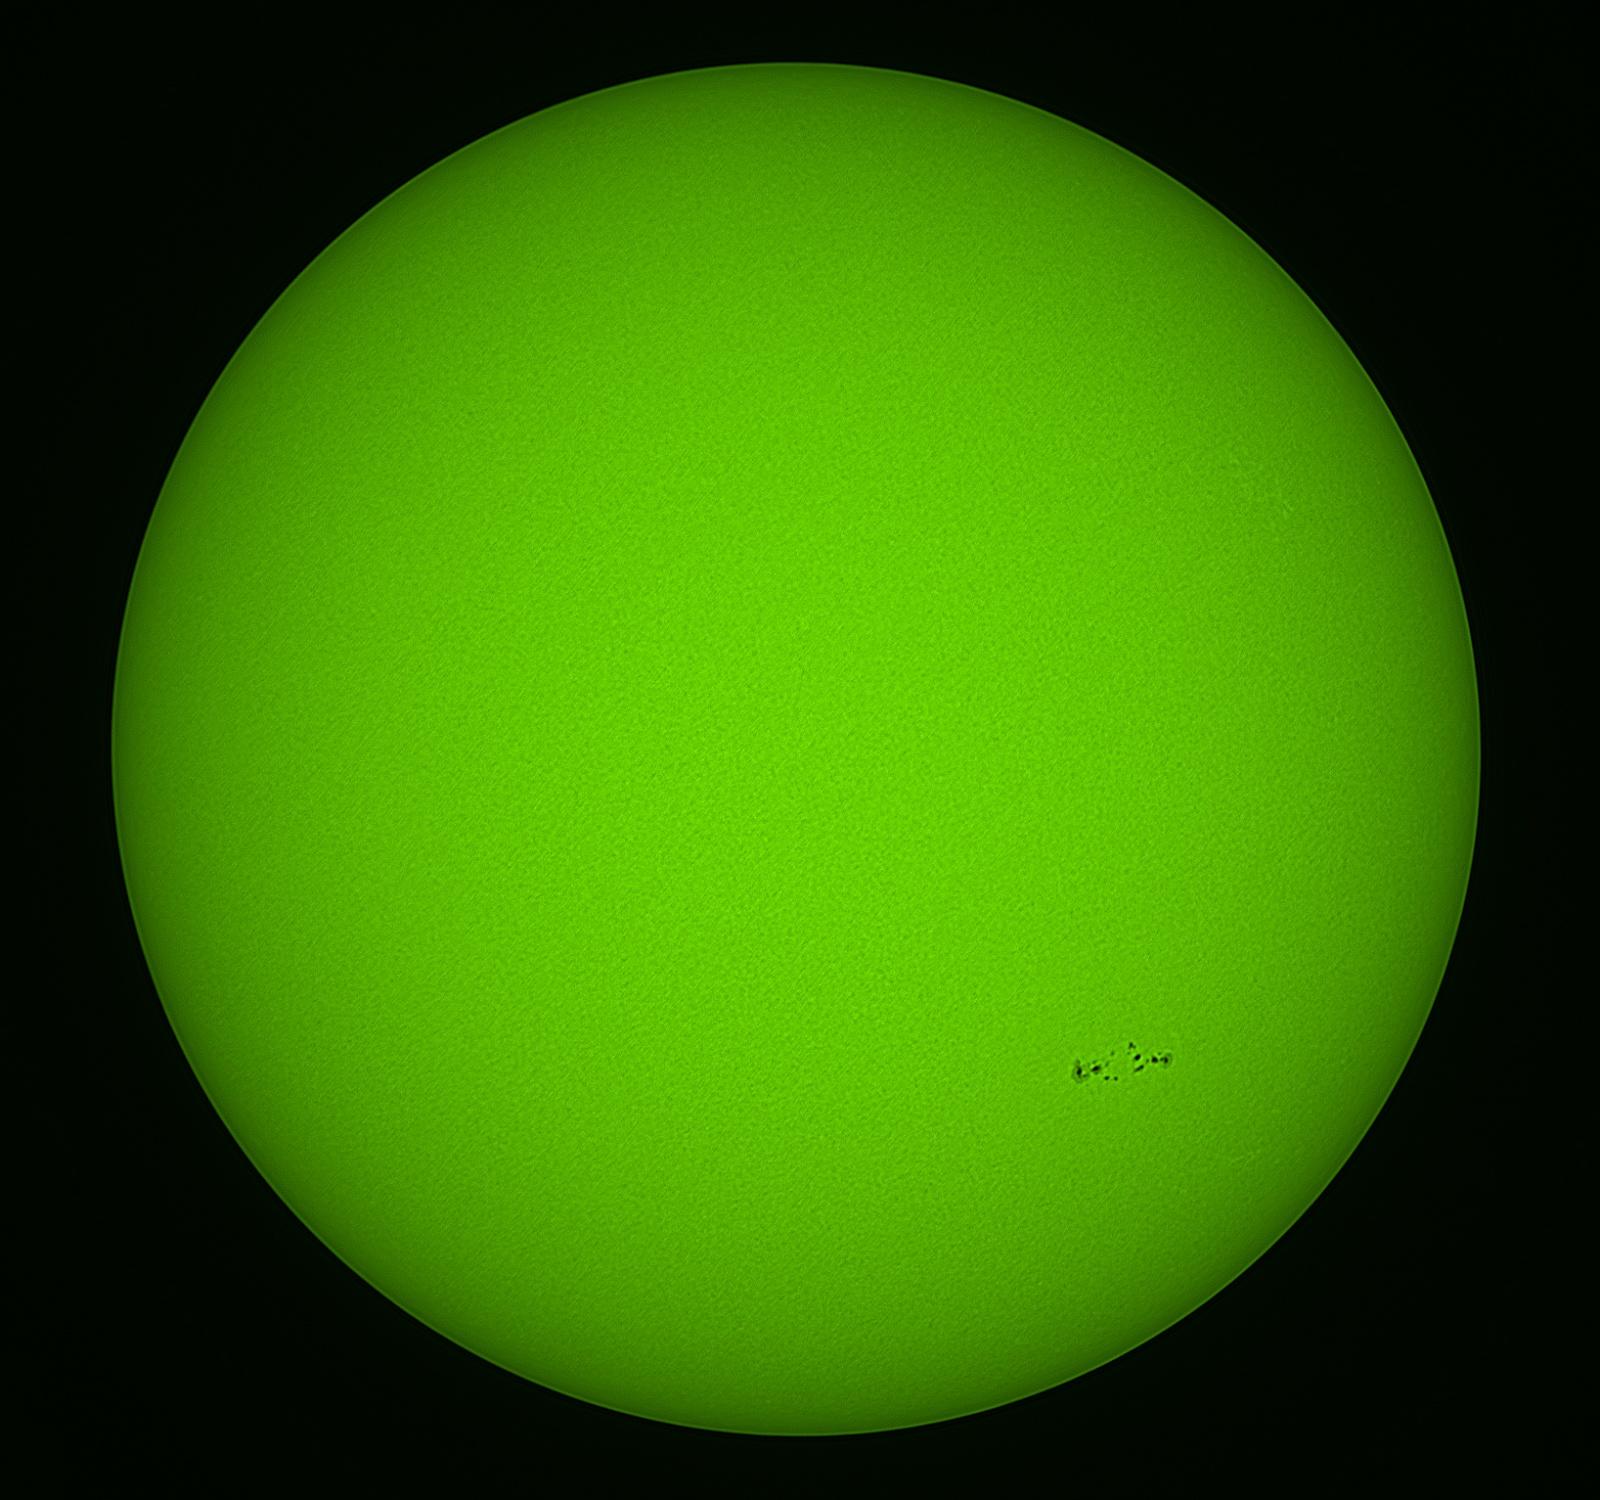 2020_10_28_0715_Sun_PS1a.thumb.jpg.bda7ff1a560e54735250c5731f162513.jpg